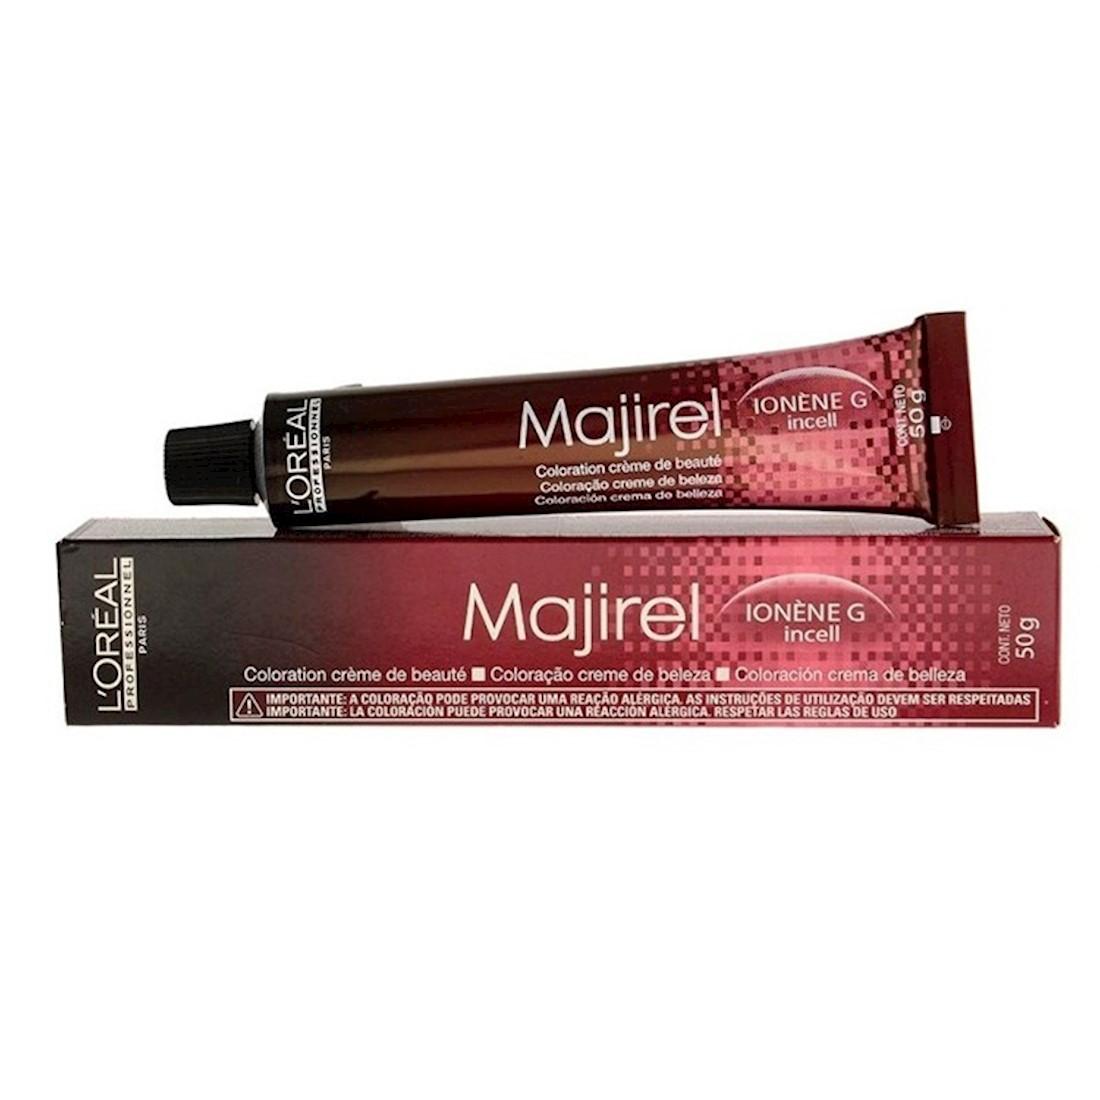 Coloração Majirel 9,0 (Louro muito claro profundo) da L'Oreal 50g Bisnaga